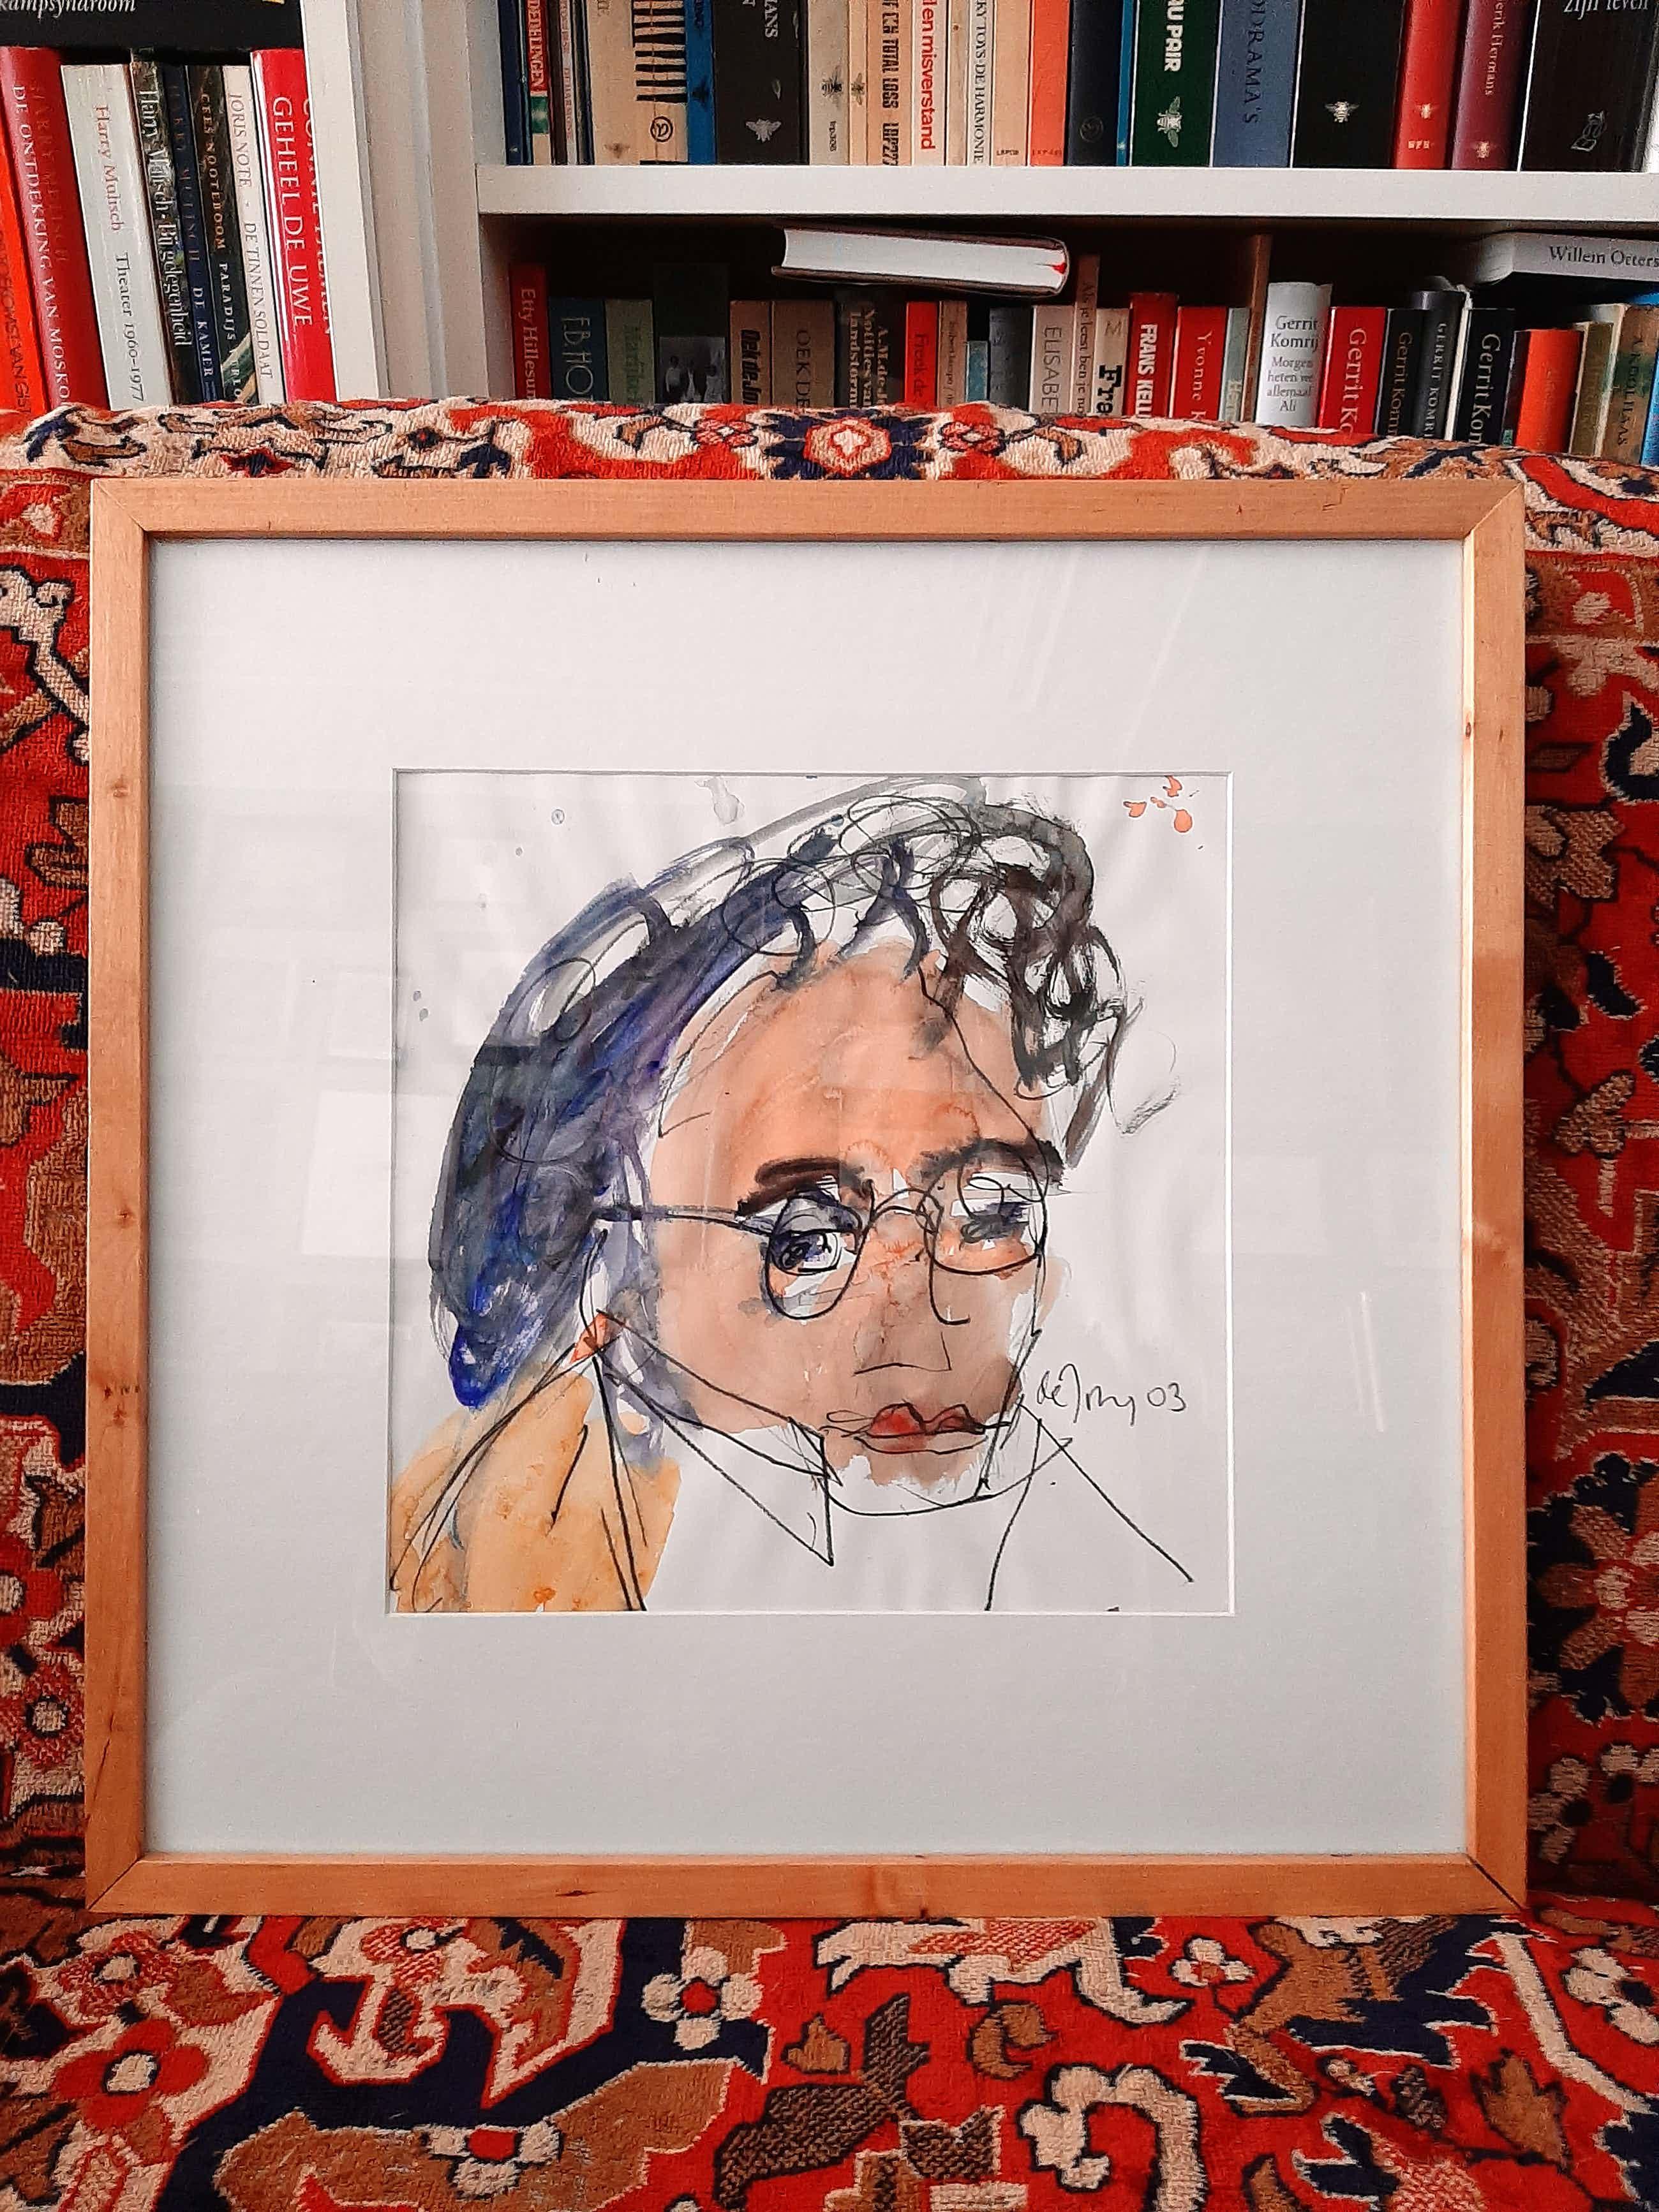 Leo de Jong - Componist Frans Schubert kopen? Bied vanaf 145!